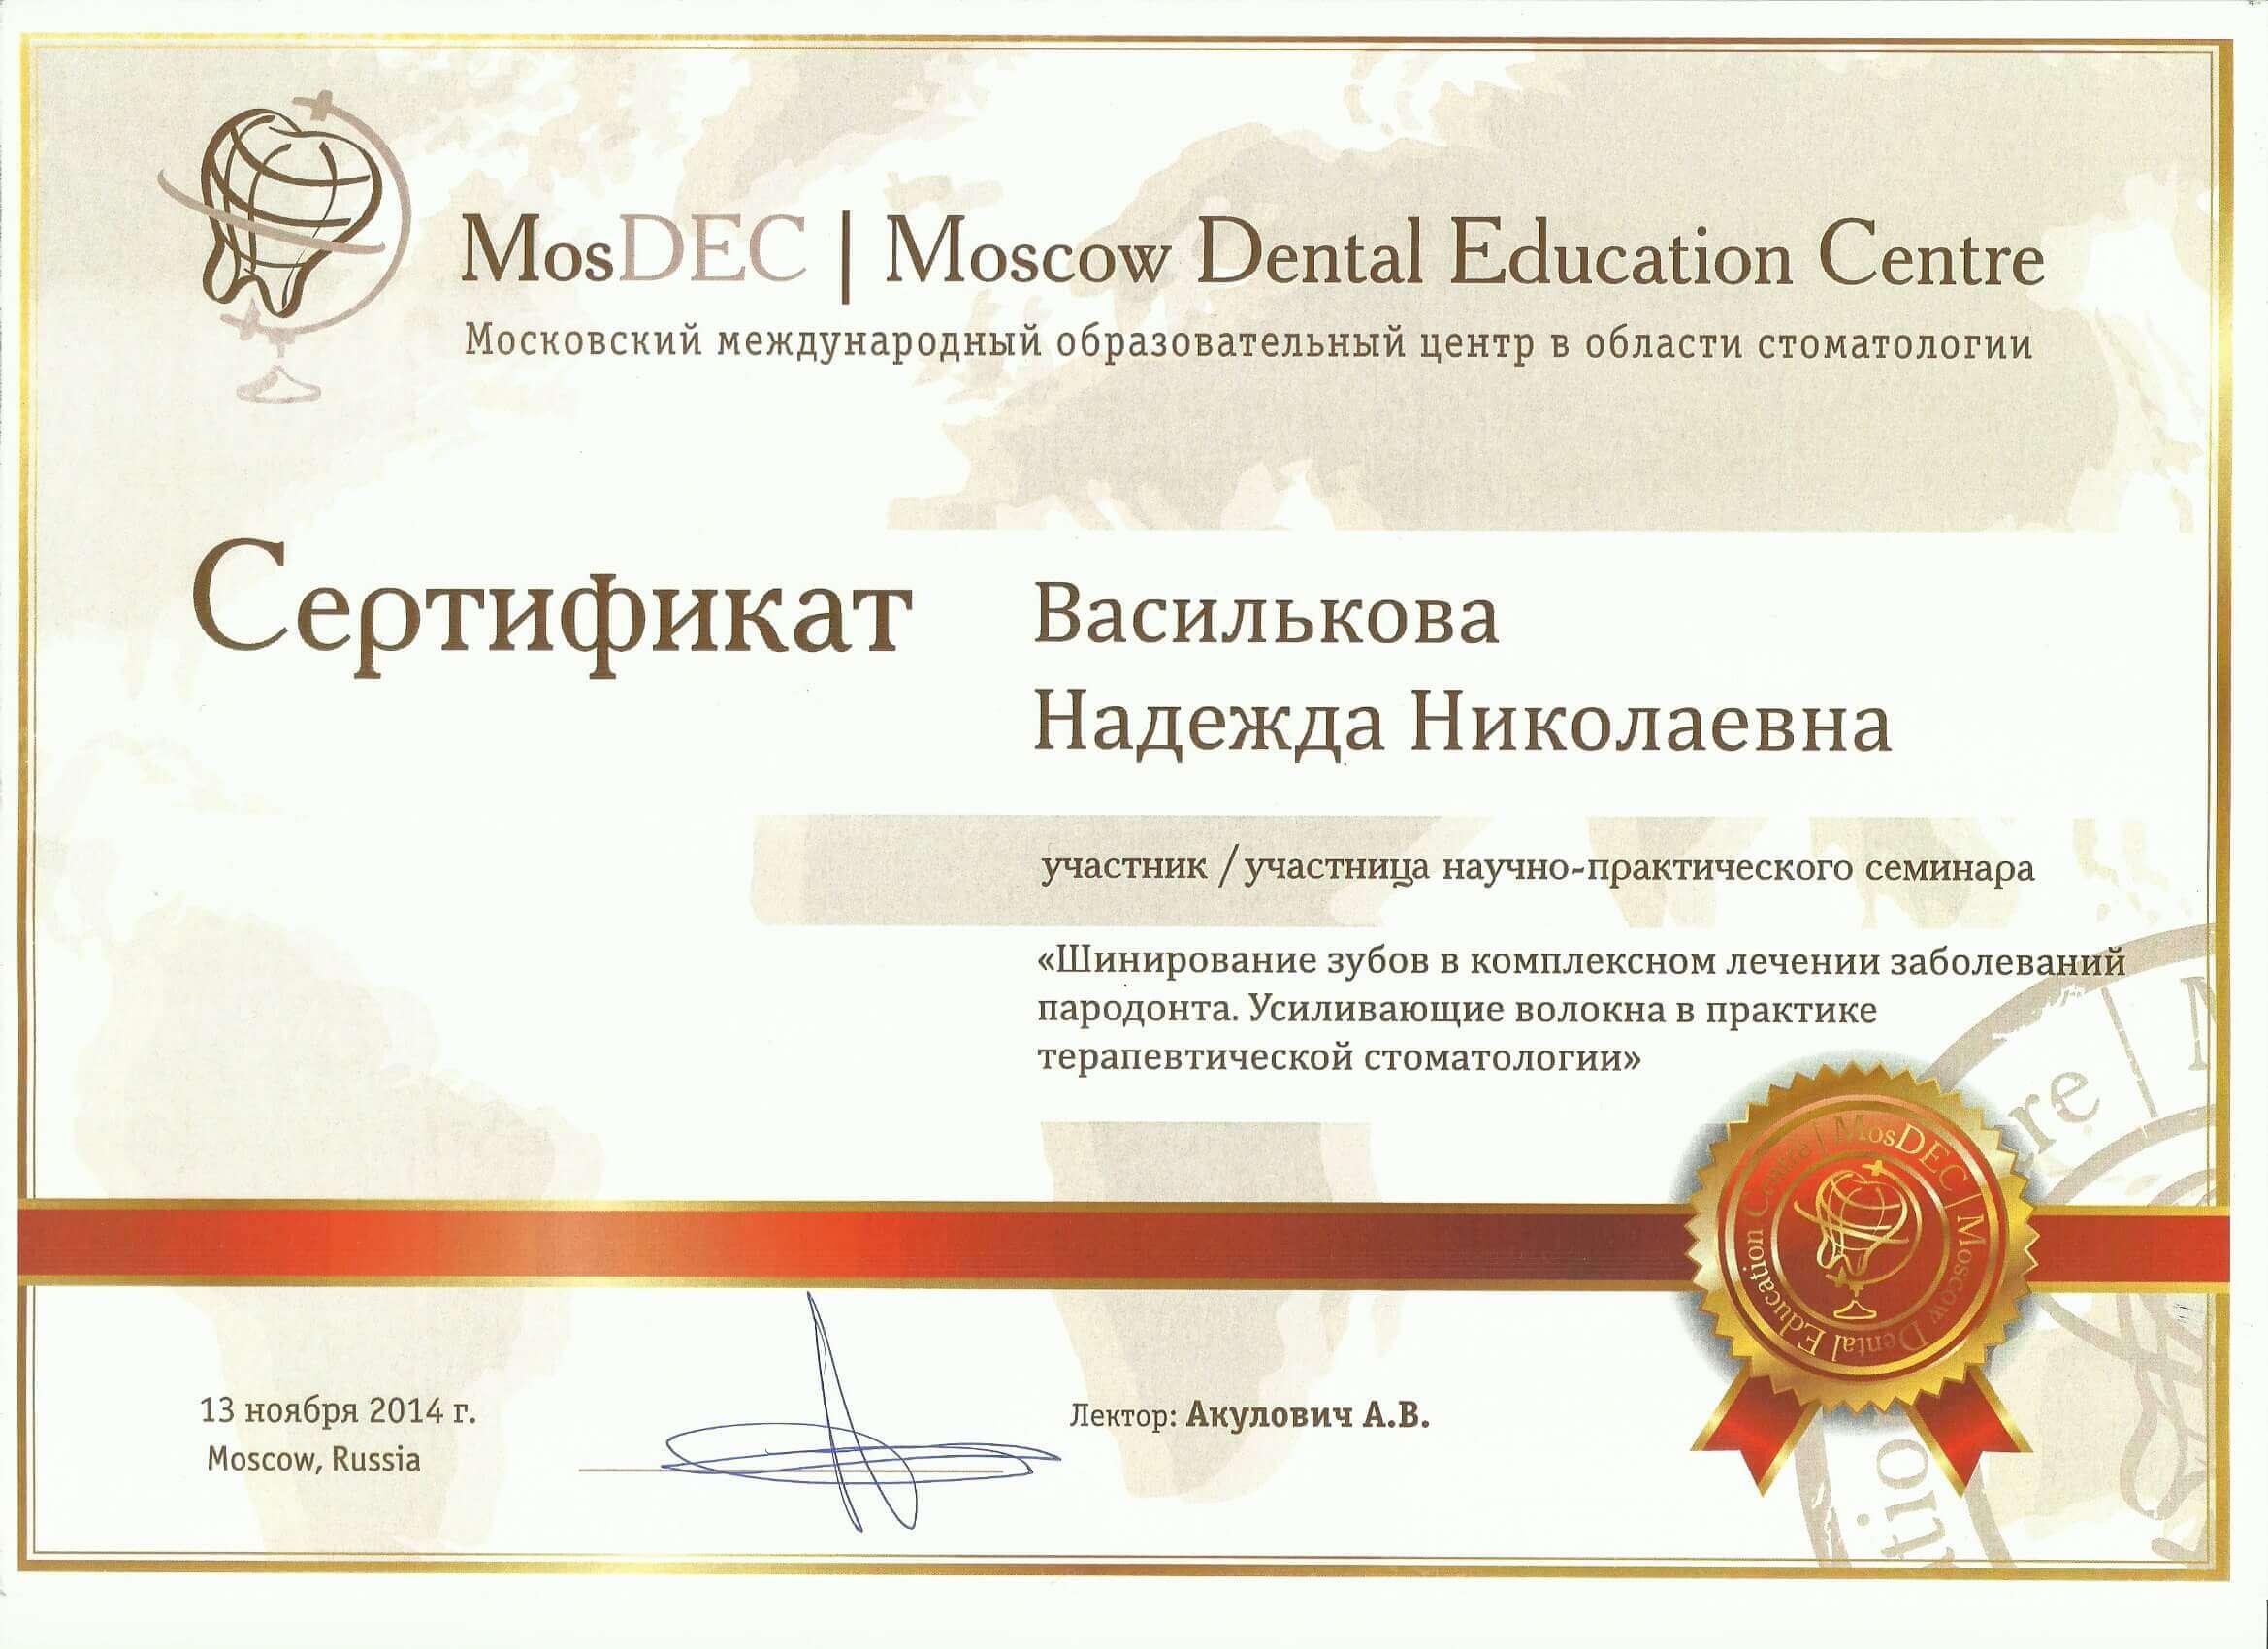 Сертификат от 13.11.2014